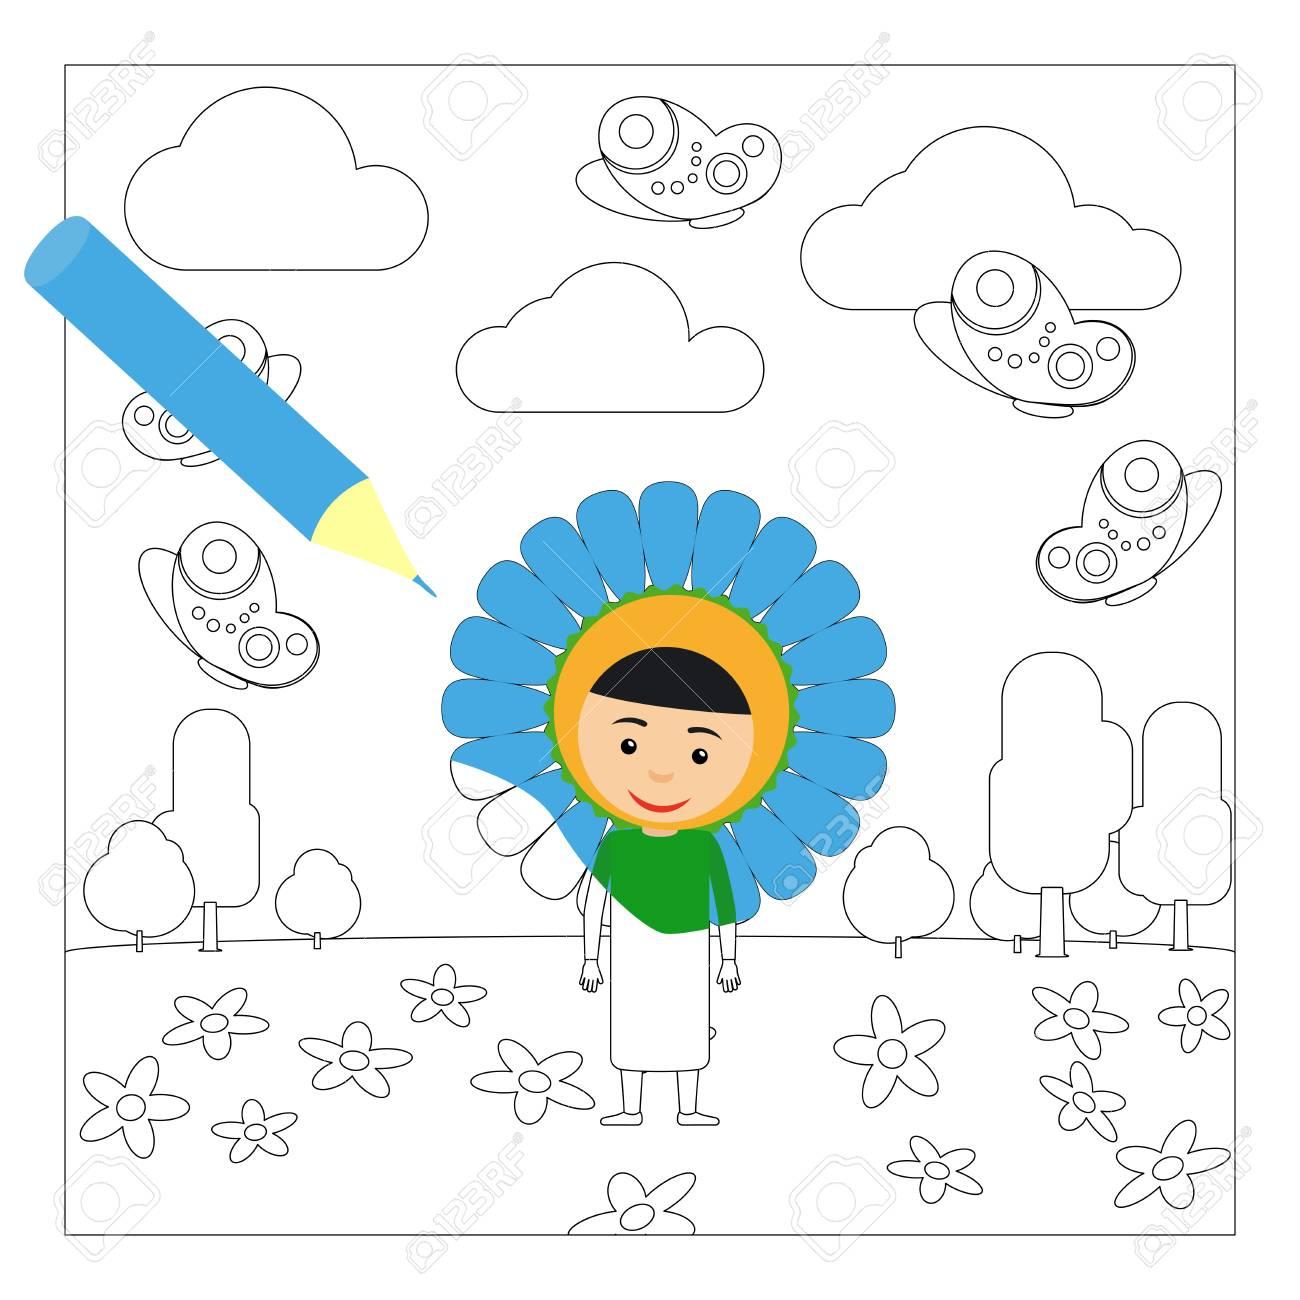 Niño Con Elegante Vestido De Flores En El Jardín De Infantes Página Para Colorear Para Niños Ilustración Vectorial